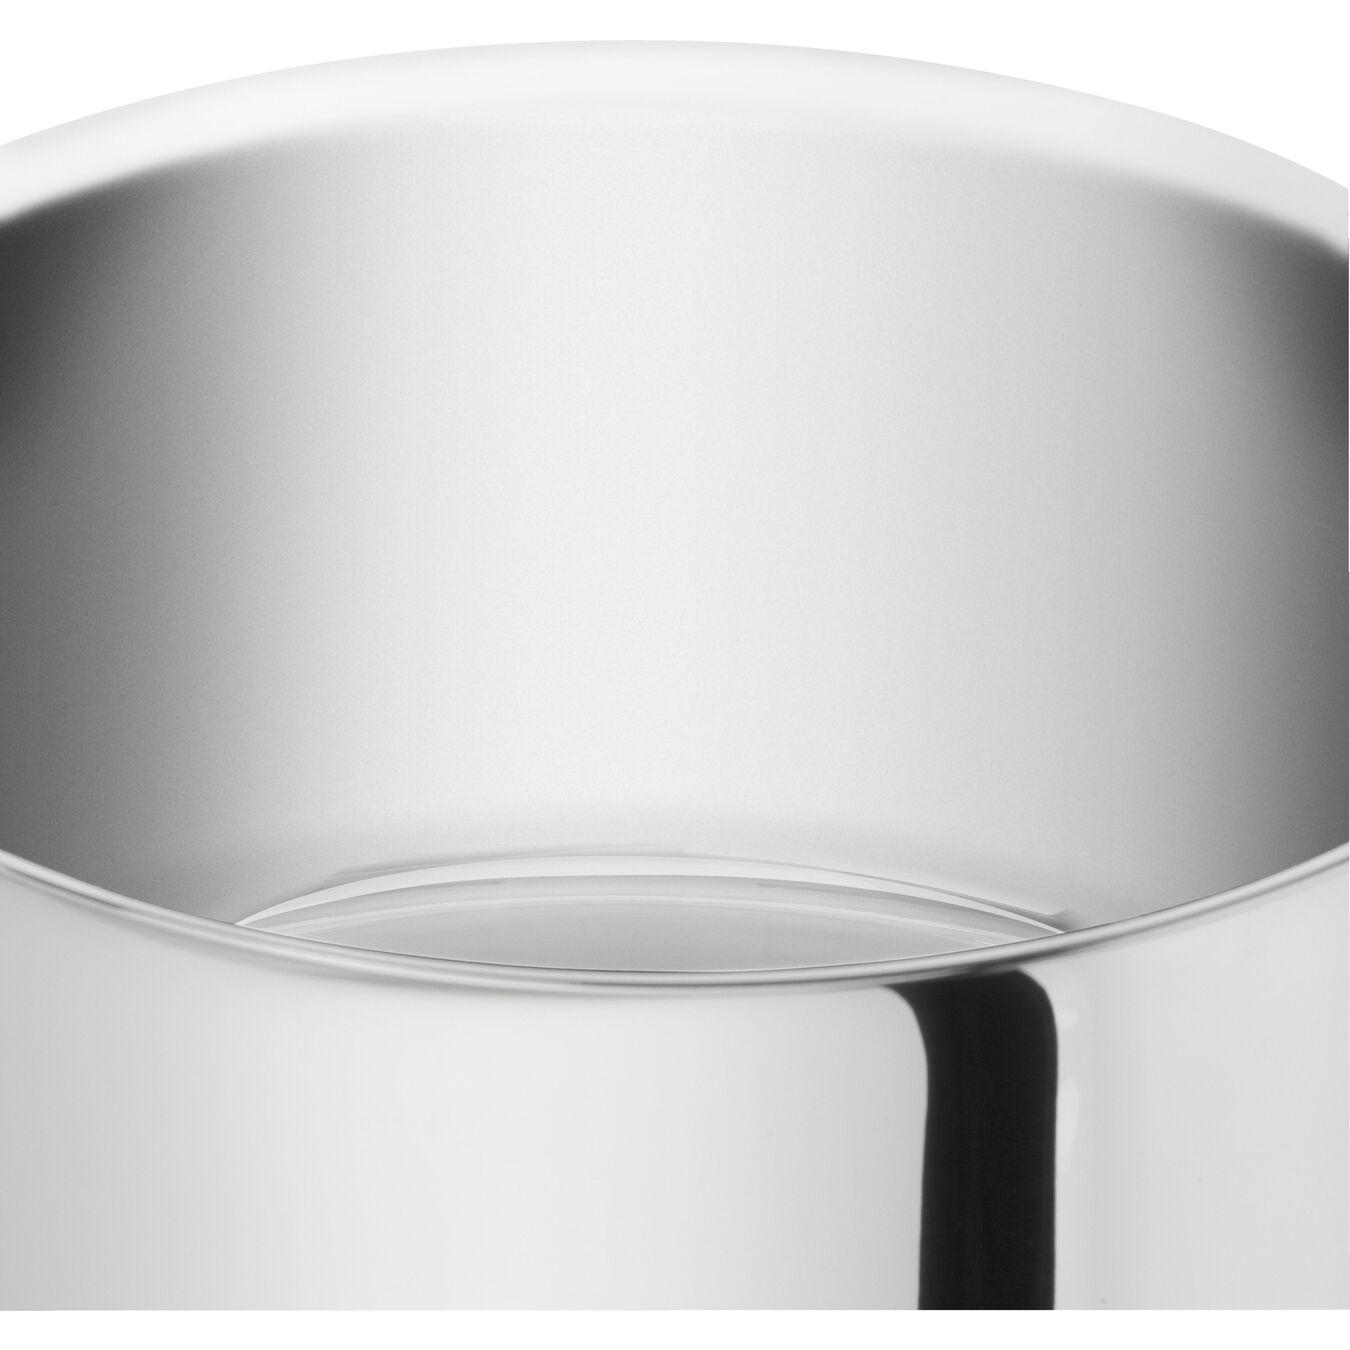 Casseruola - 20 cm, acciaio,,large 5